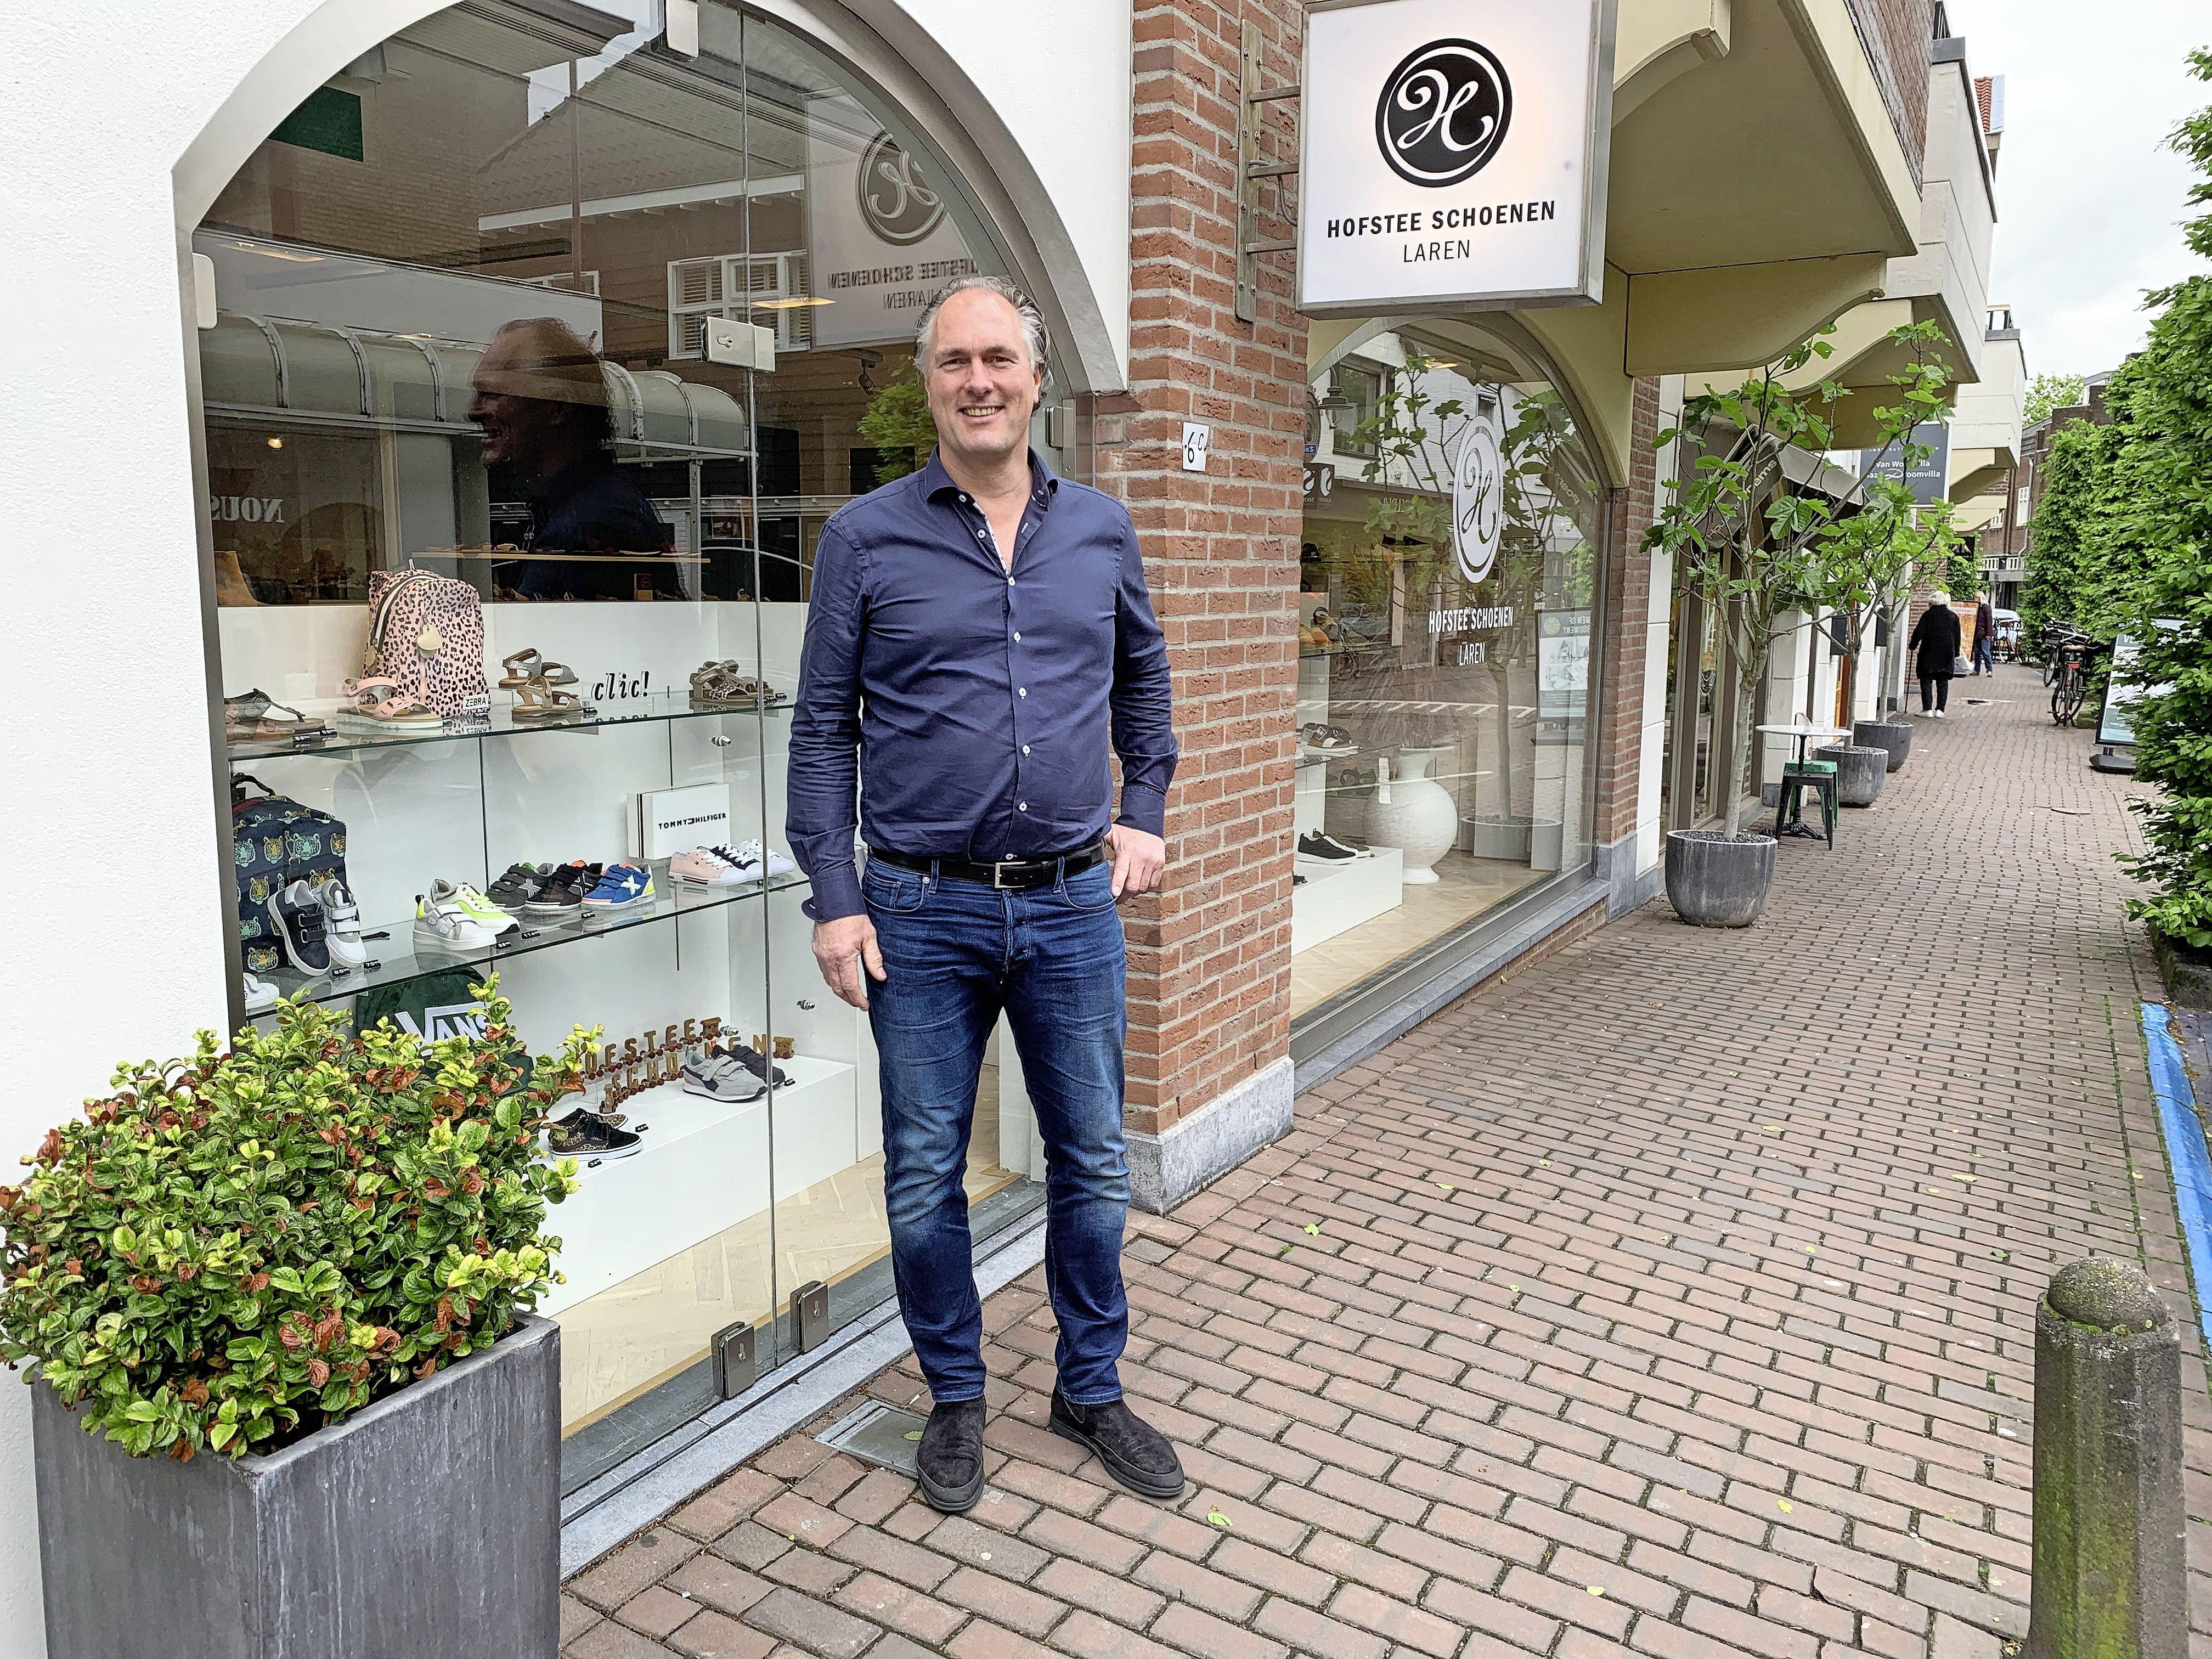 Hofstee Schoenen is niet weg uit Laren, maar zit in nieuw pand, honderdvijftig meter verderop